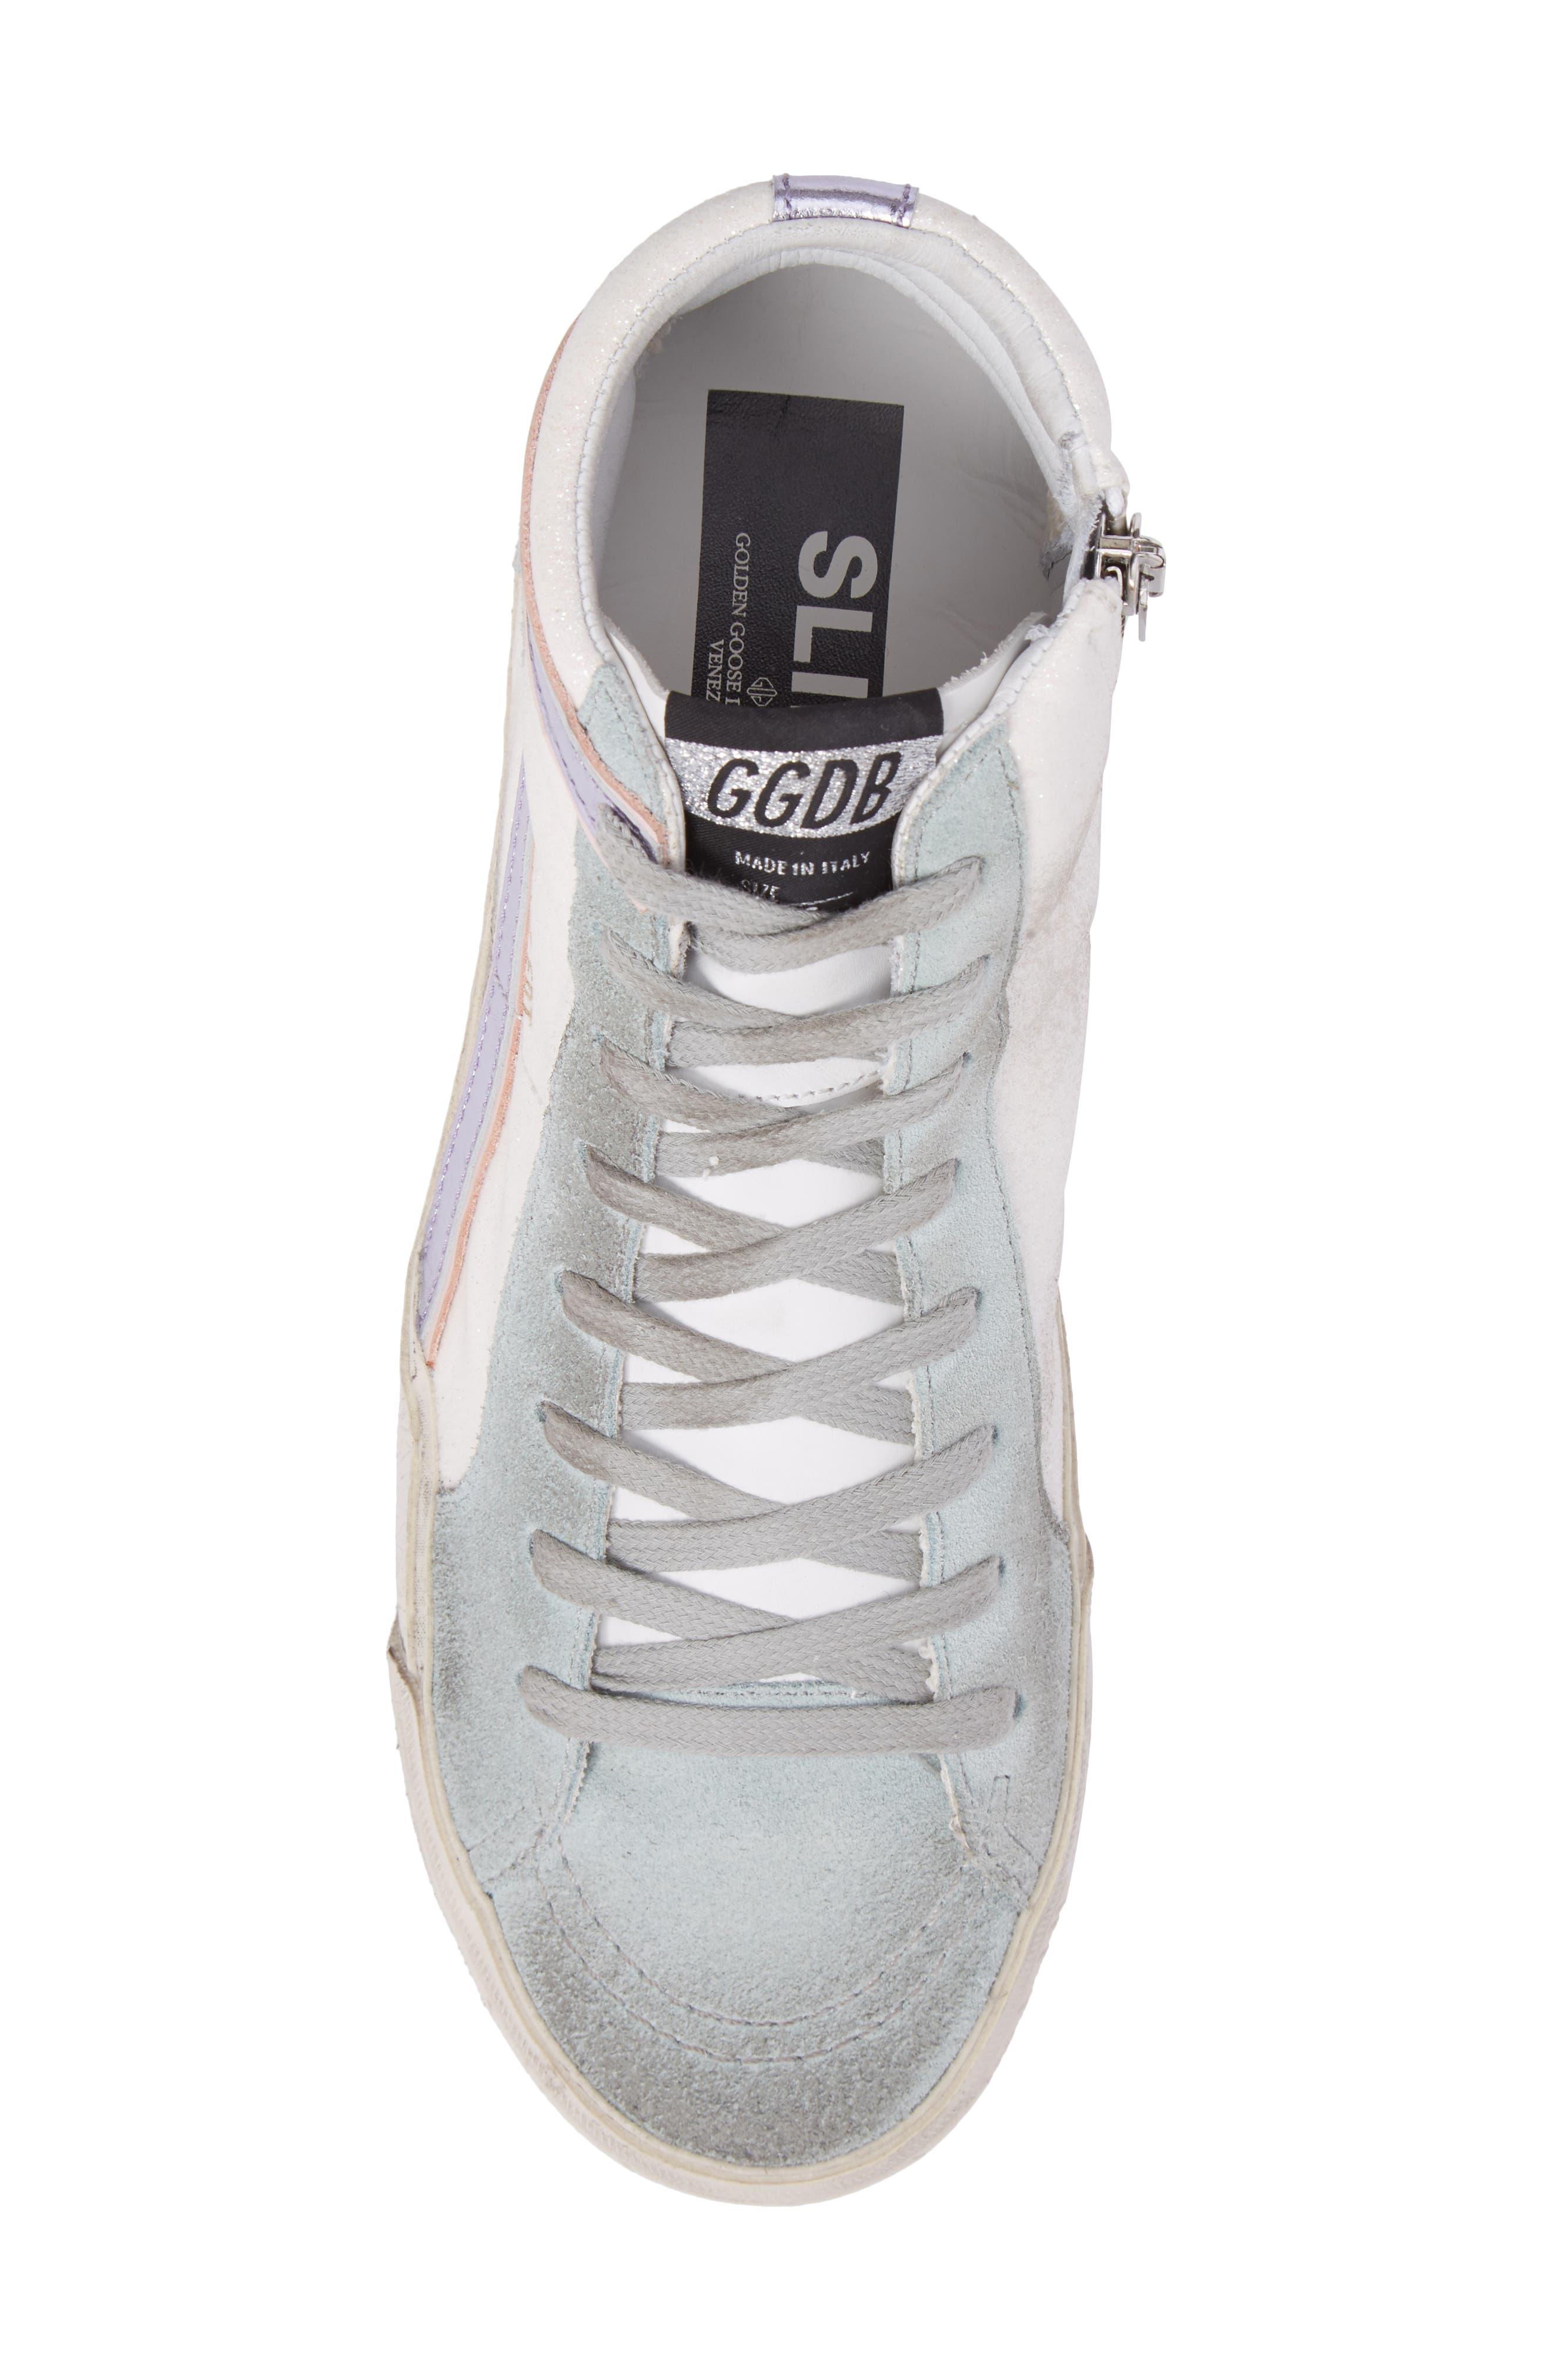 Slide High Top Sneaker,                             Alternate thumbnail 5, color,                             White/ Mint Green